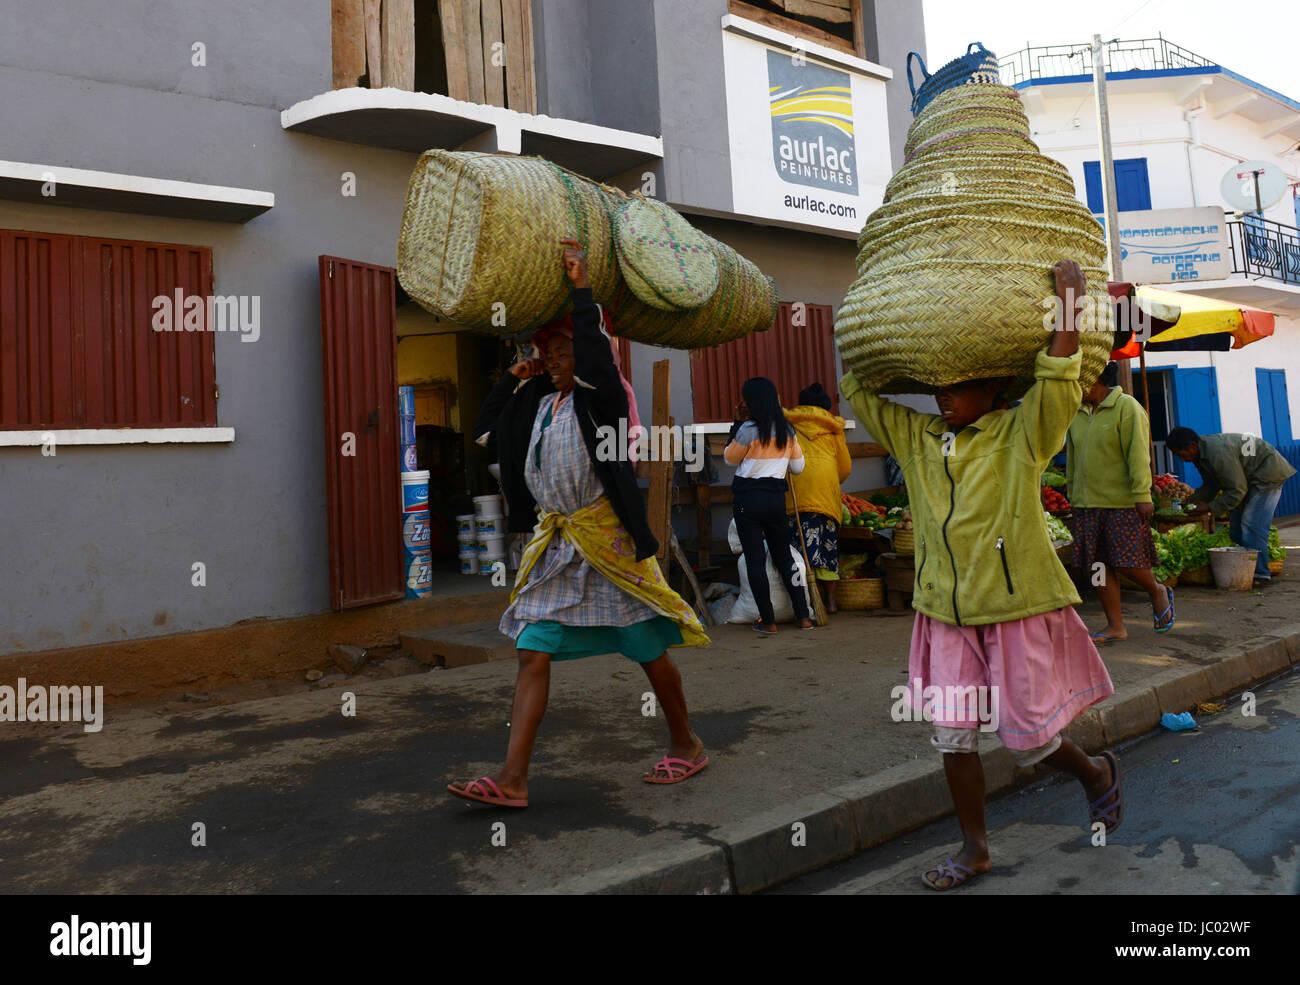 Frauen, die große Körbe auf dem Kopf im Zentrum von Madagaskar. Stockbild